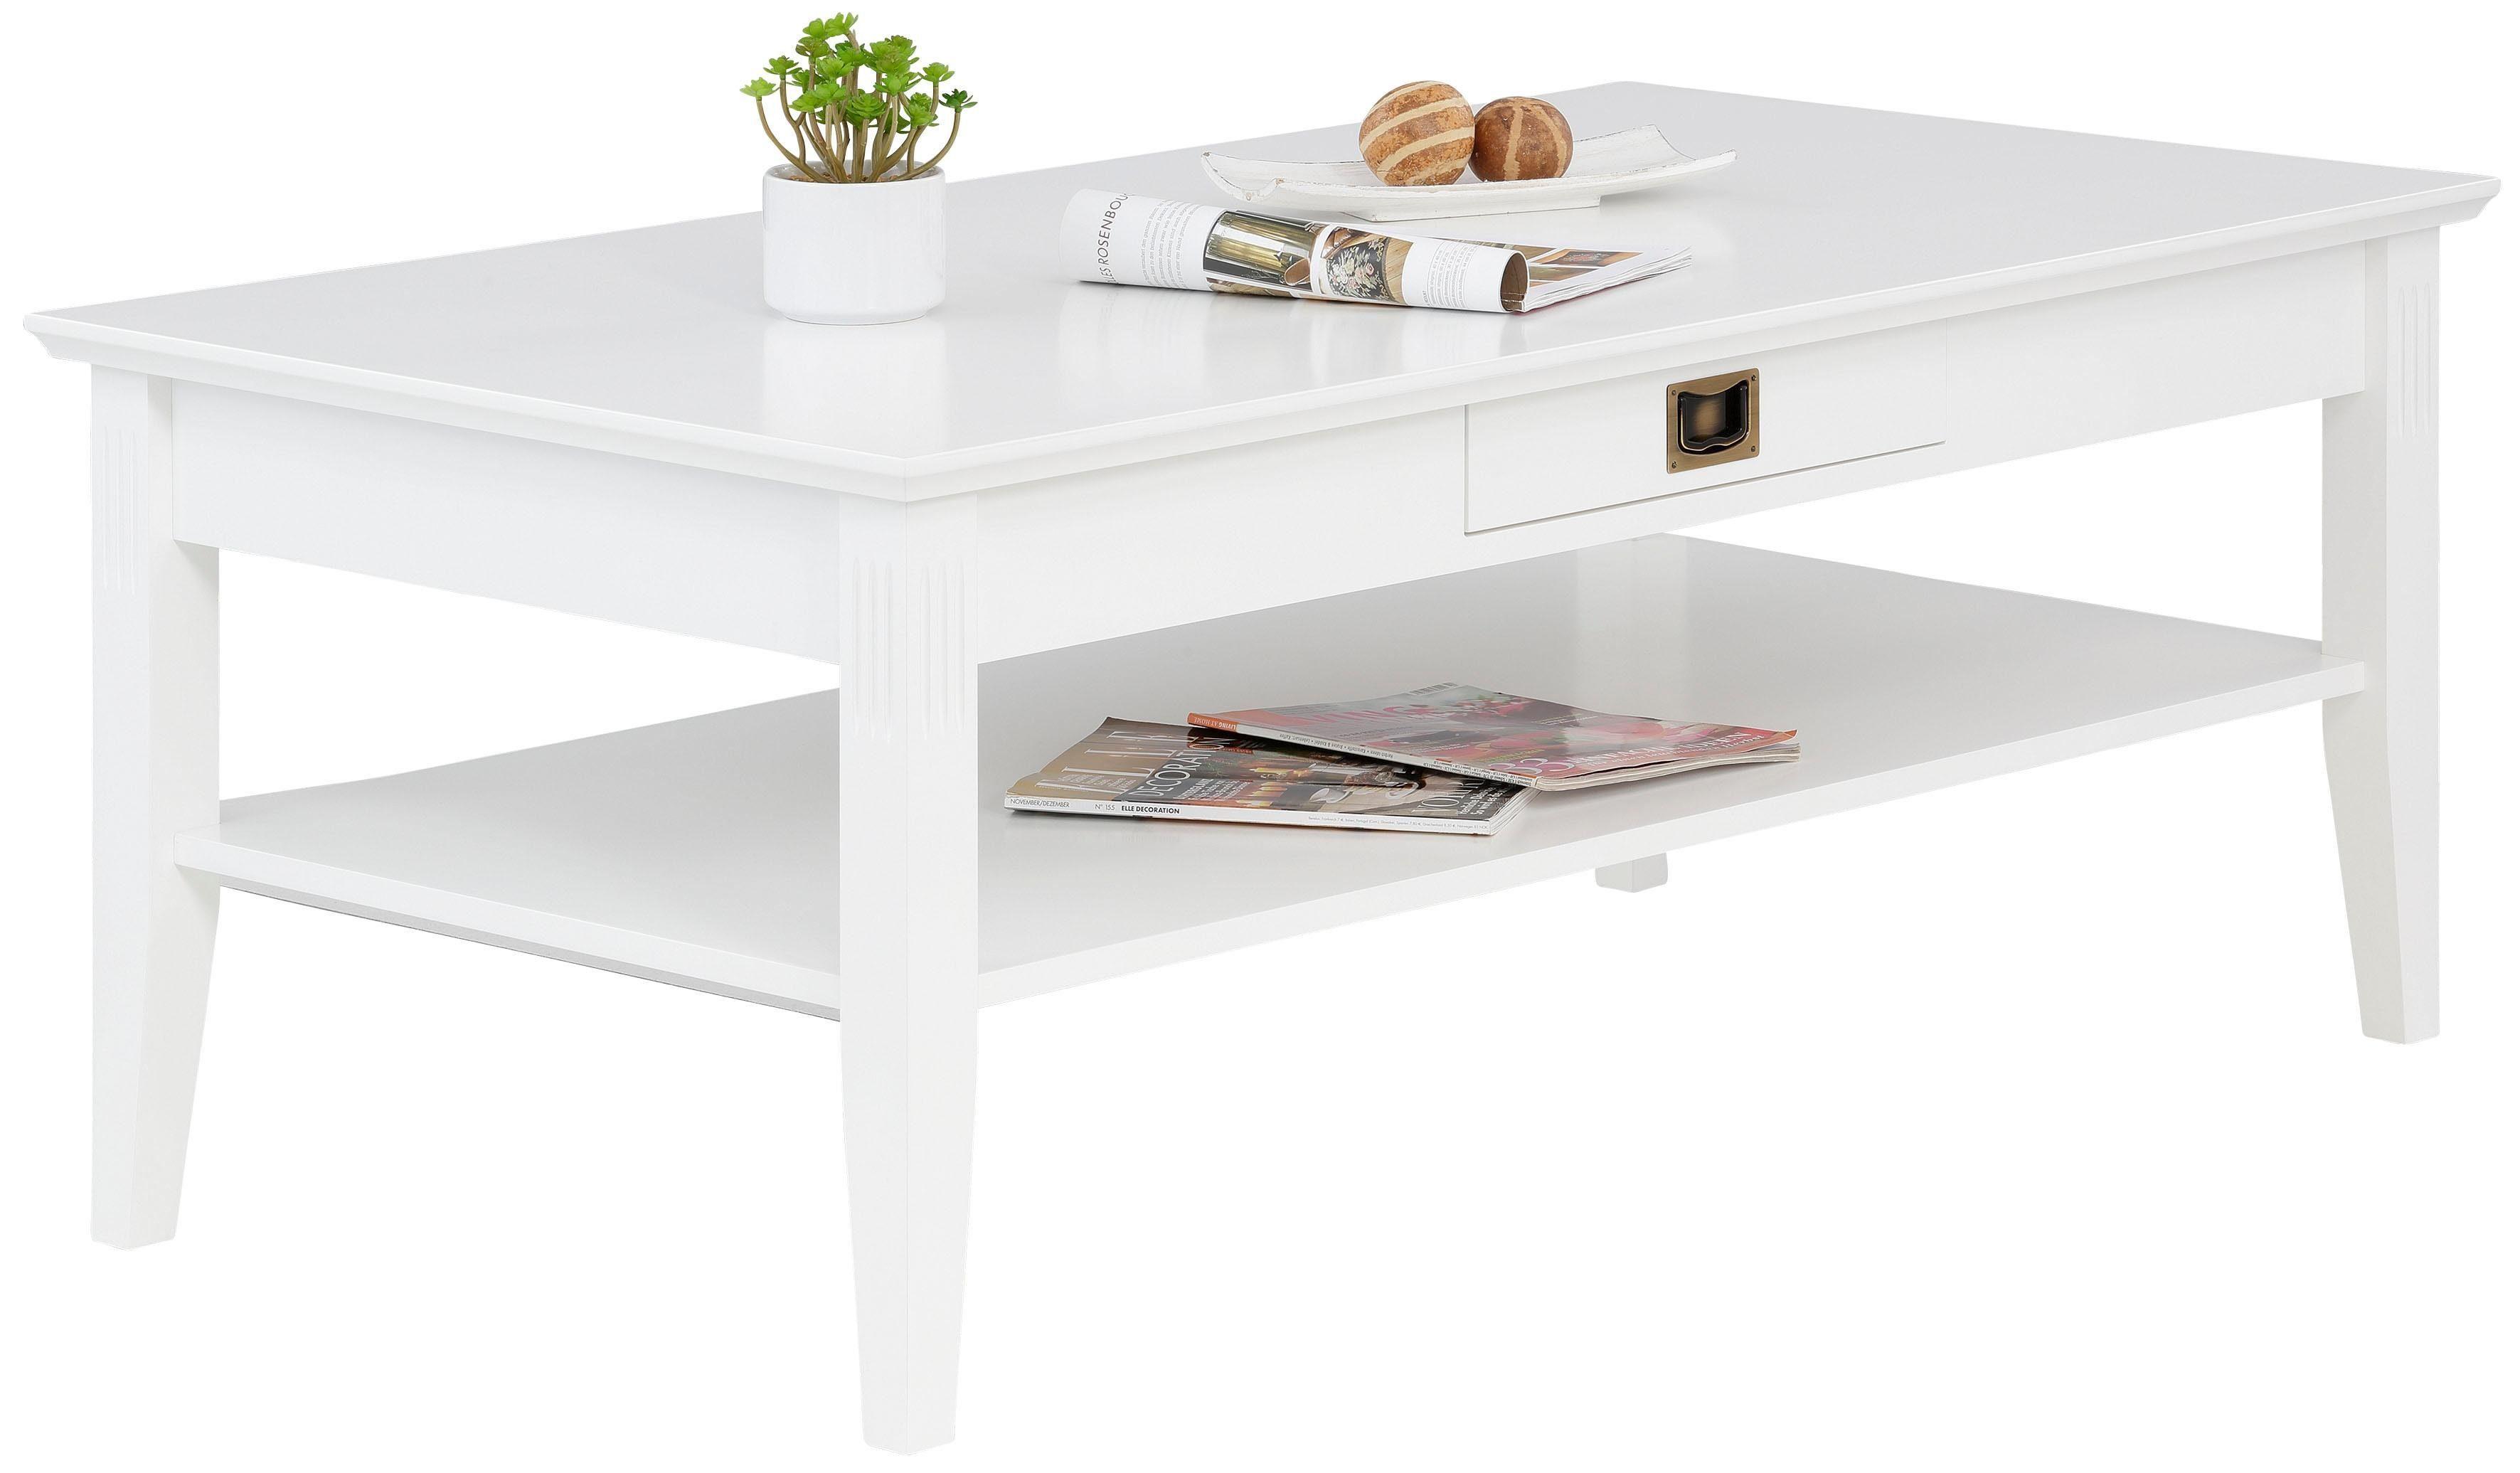 Home affaire Couchtisch »Piano« mit 1 Schublade, Breite 130 cm